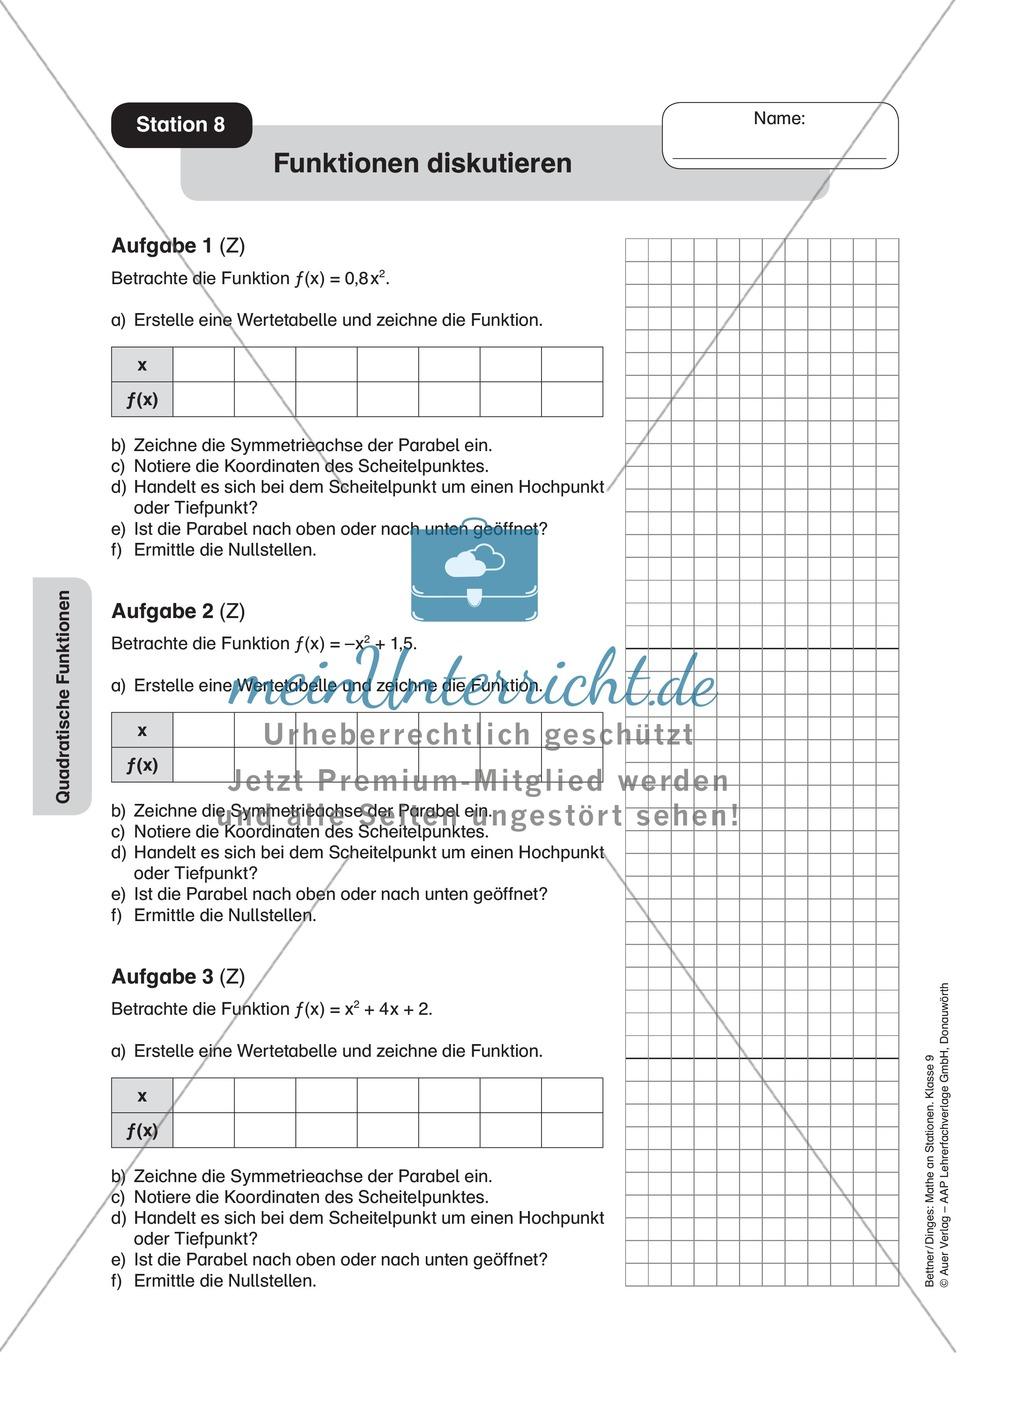 Ausgezeichnet Mathe Koordinaten Arbeitsblatt Galerie - Super Lehrer ...